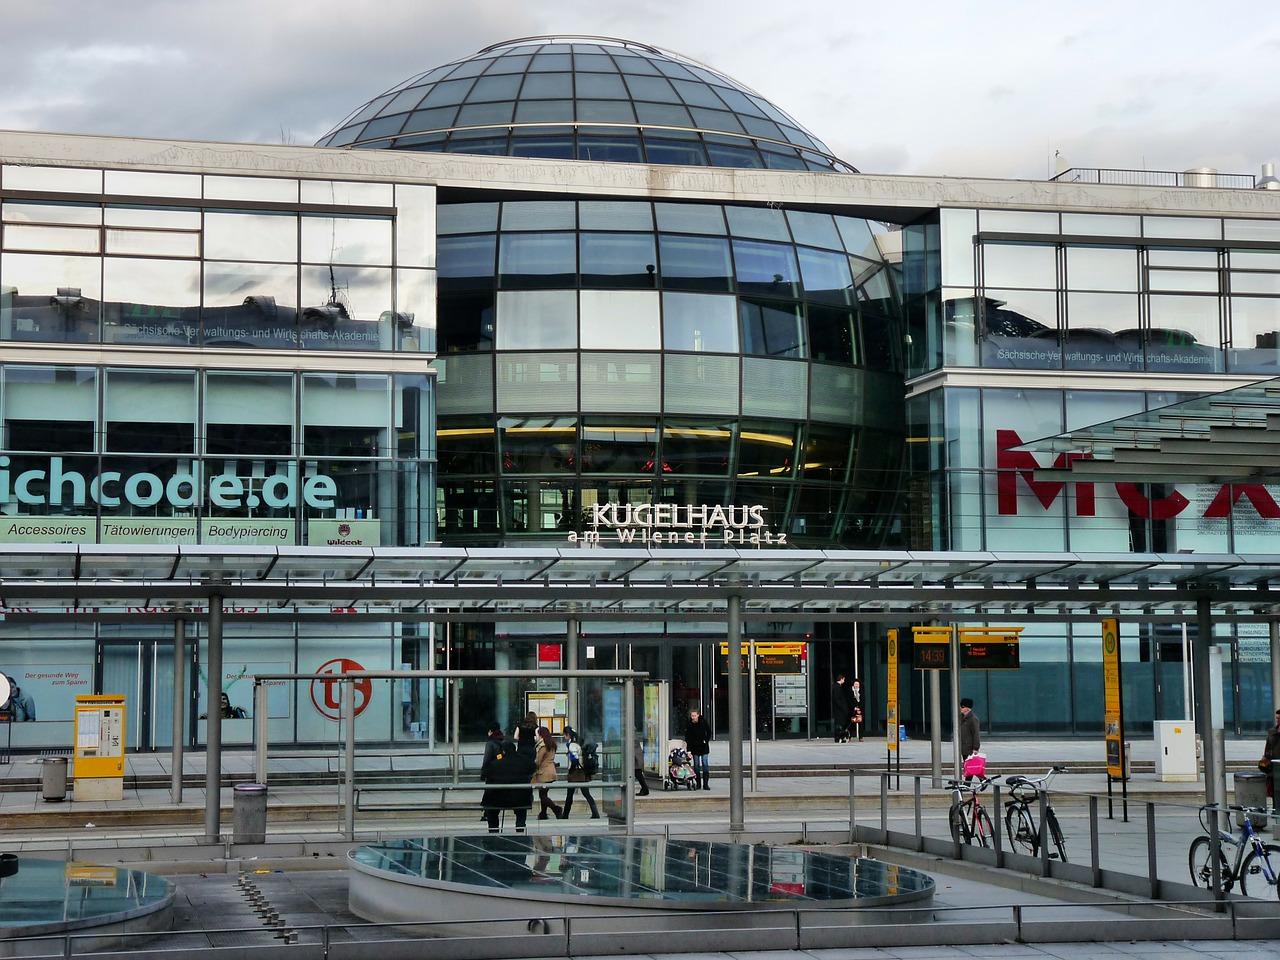 Koopzondagen in Duitsland